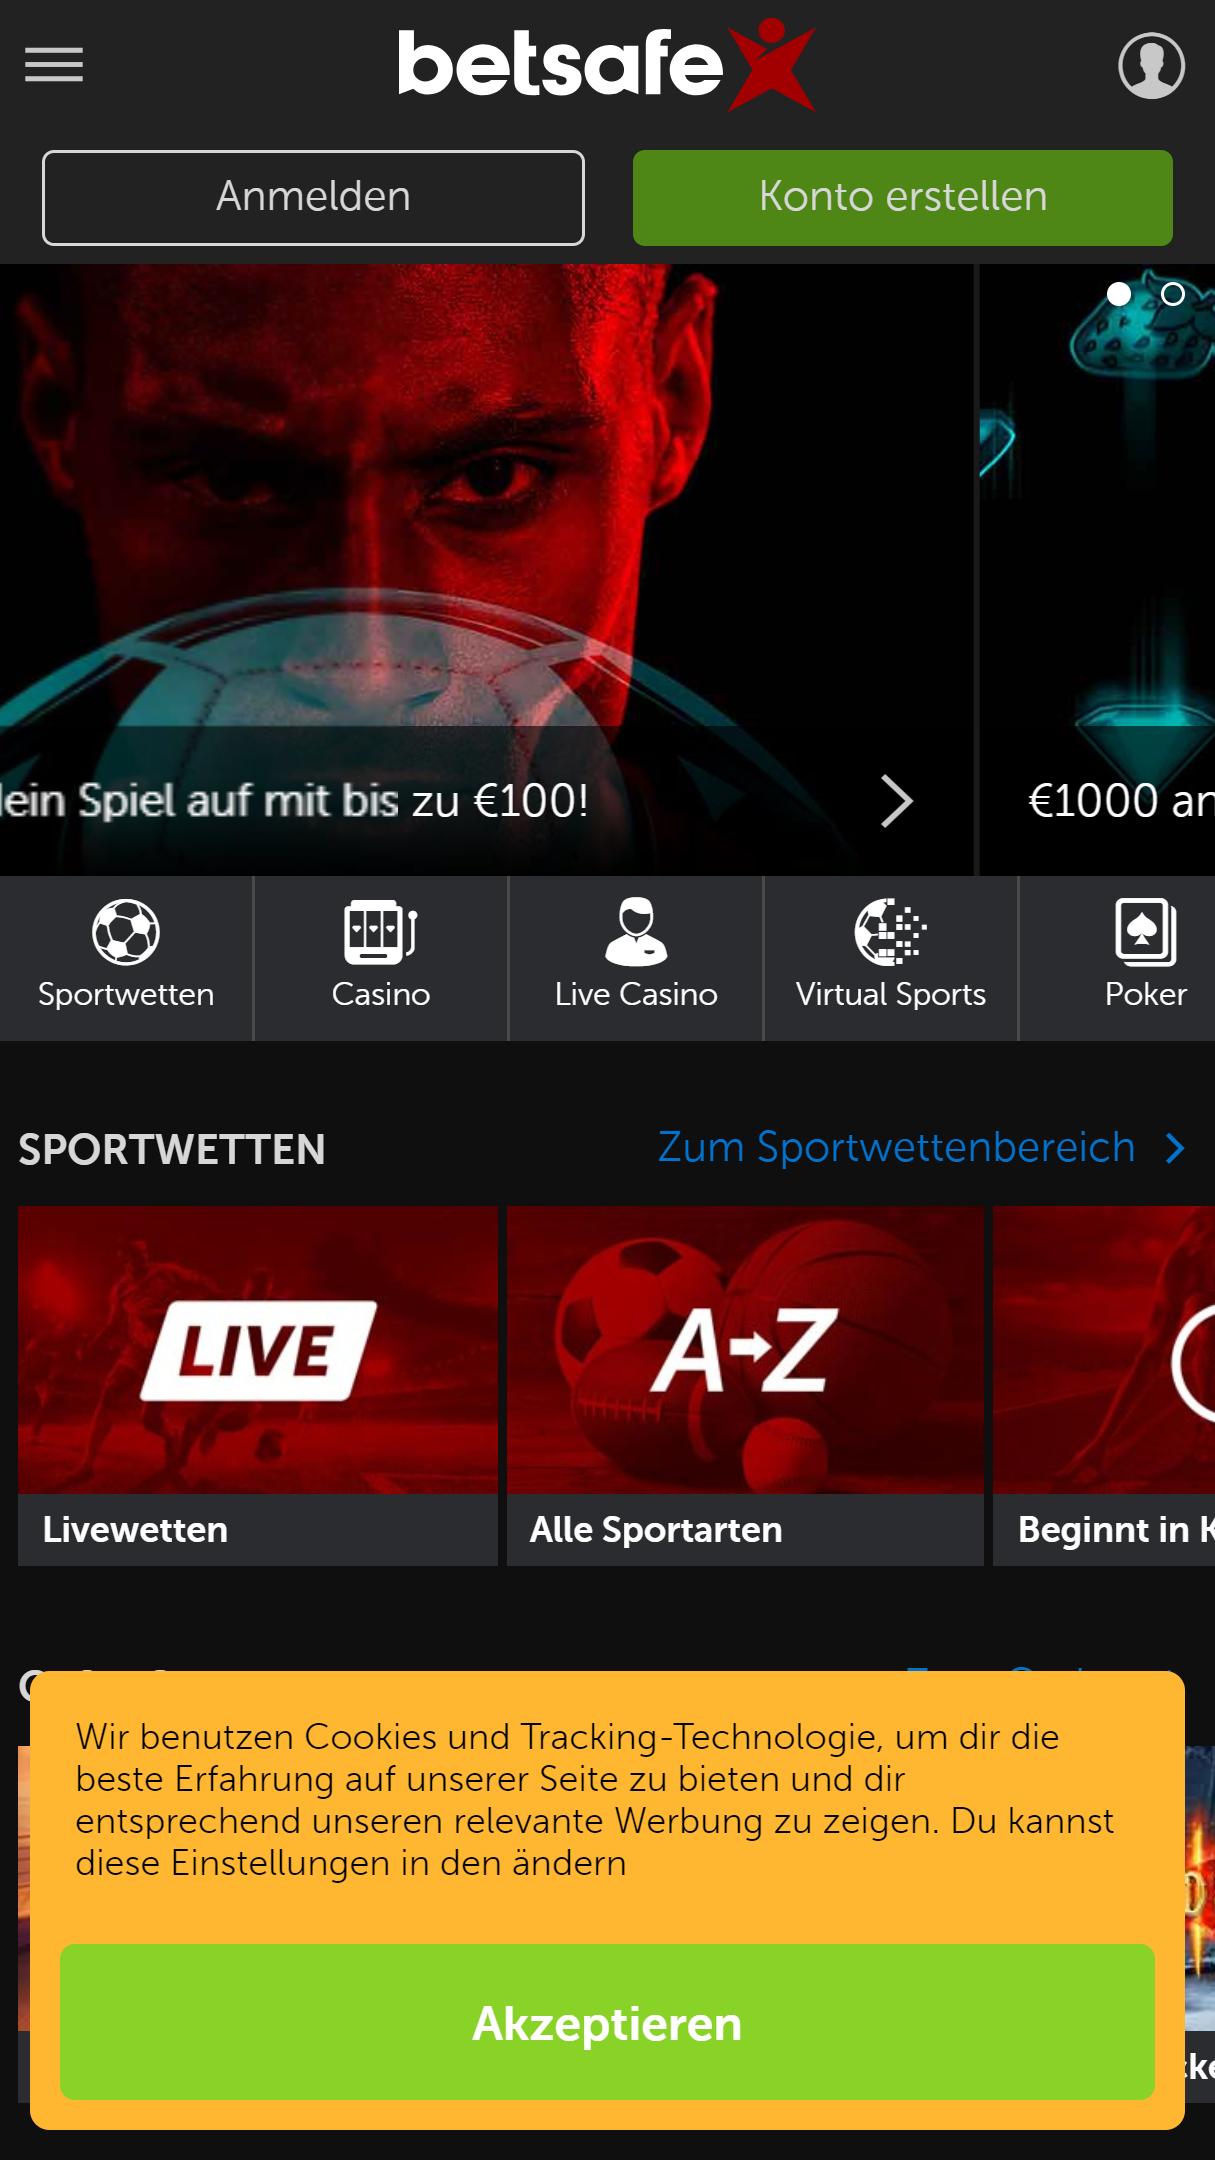 Kunena: Live blackjack 50 free spins casino websites uk